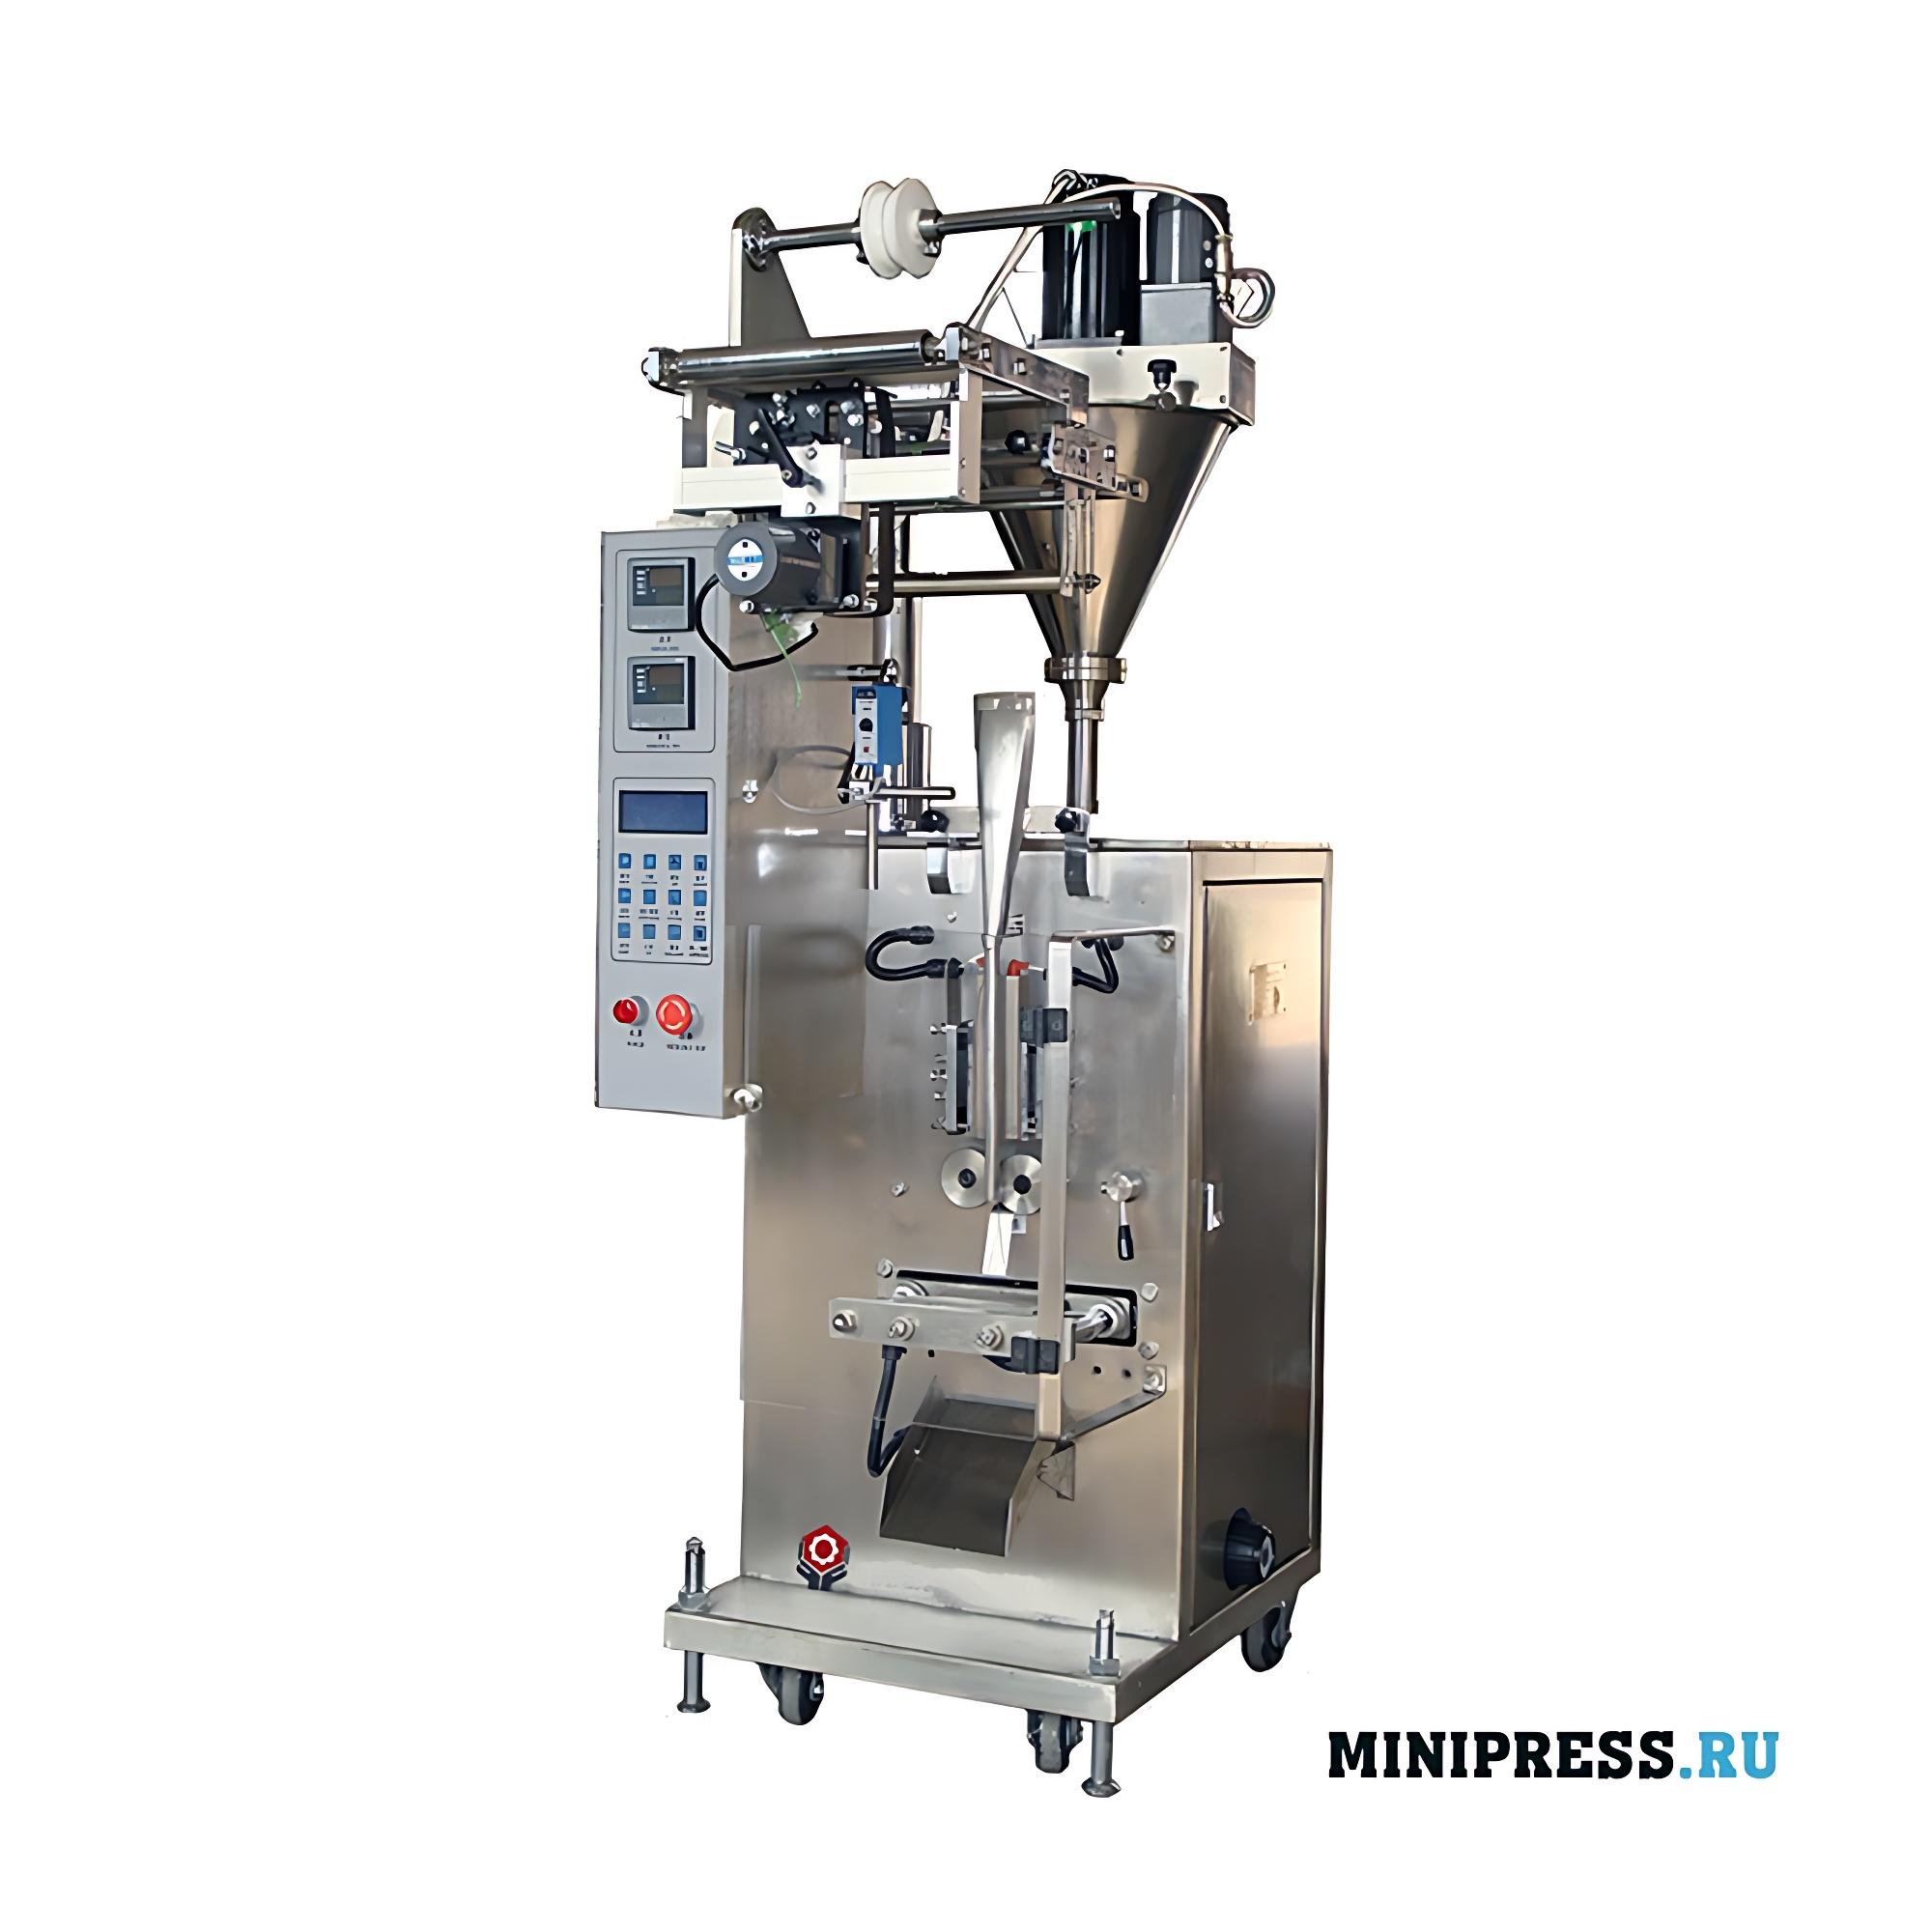 Оборудование для фасовки гранул в пакет типа